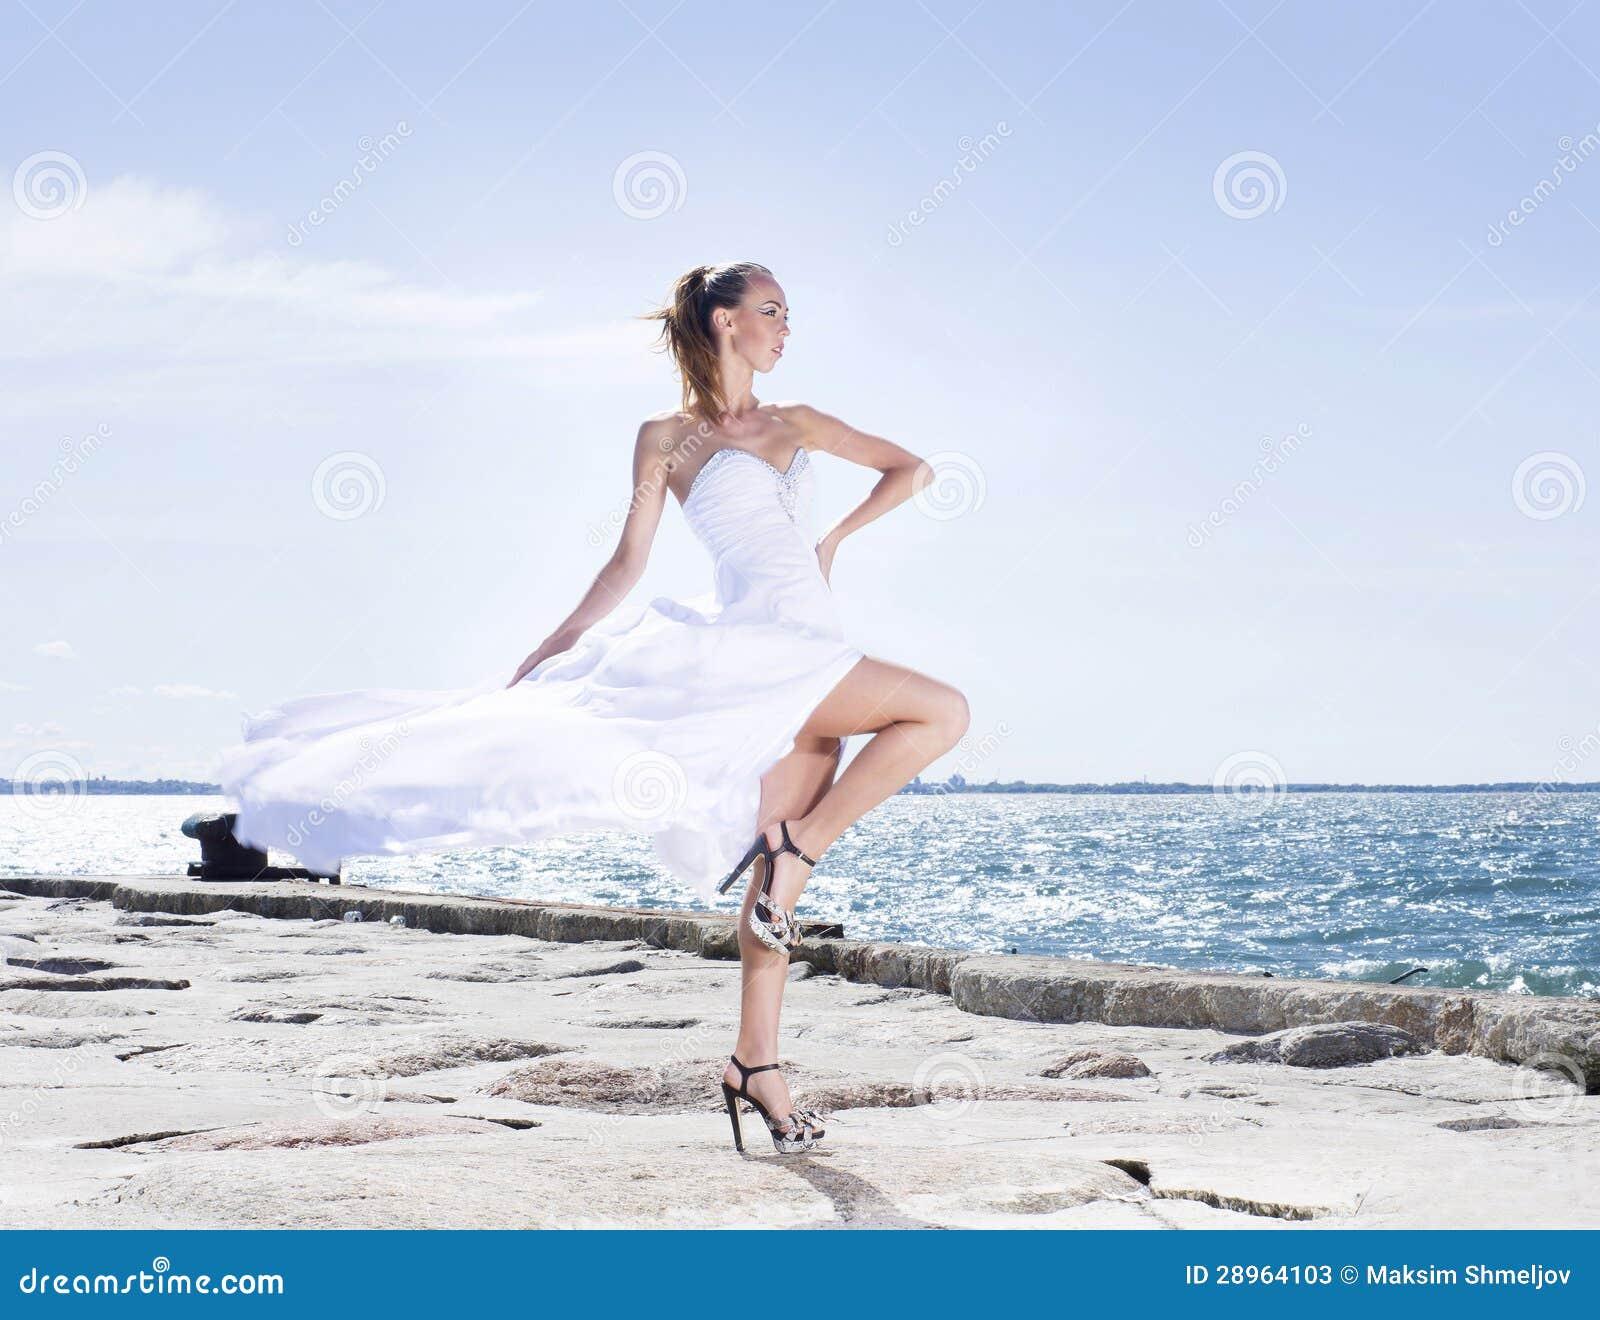 Fasonuje krótkopędu młoda kobieta na dennym tle